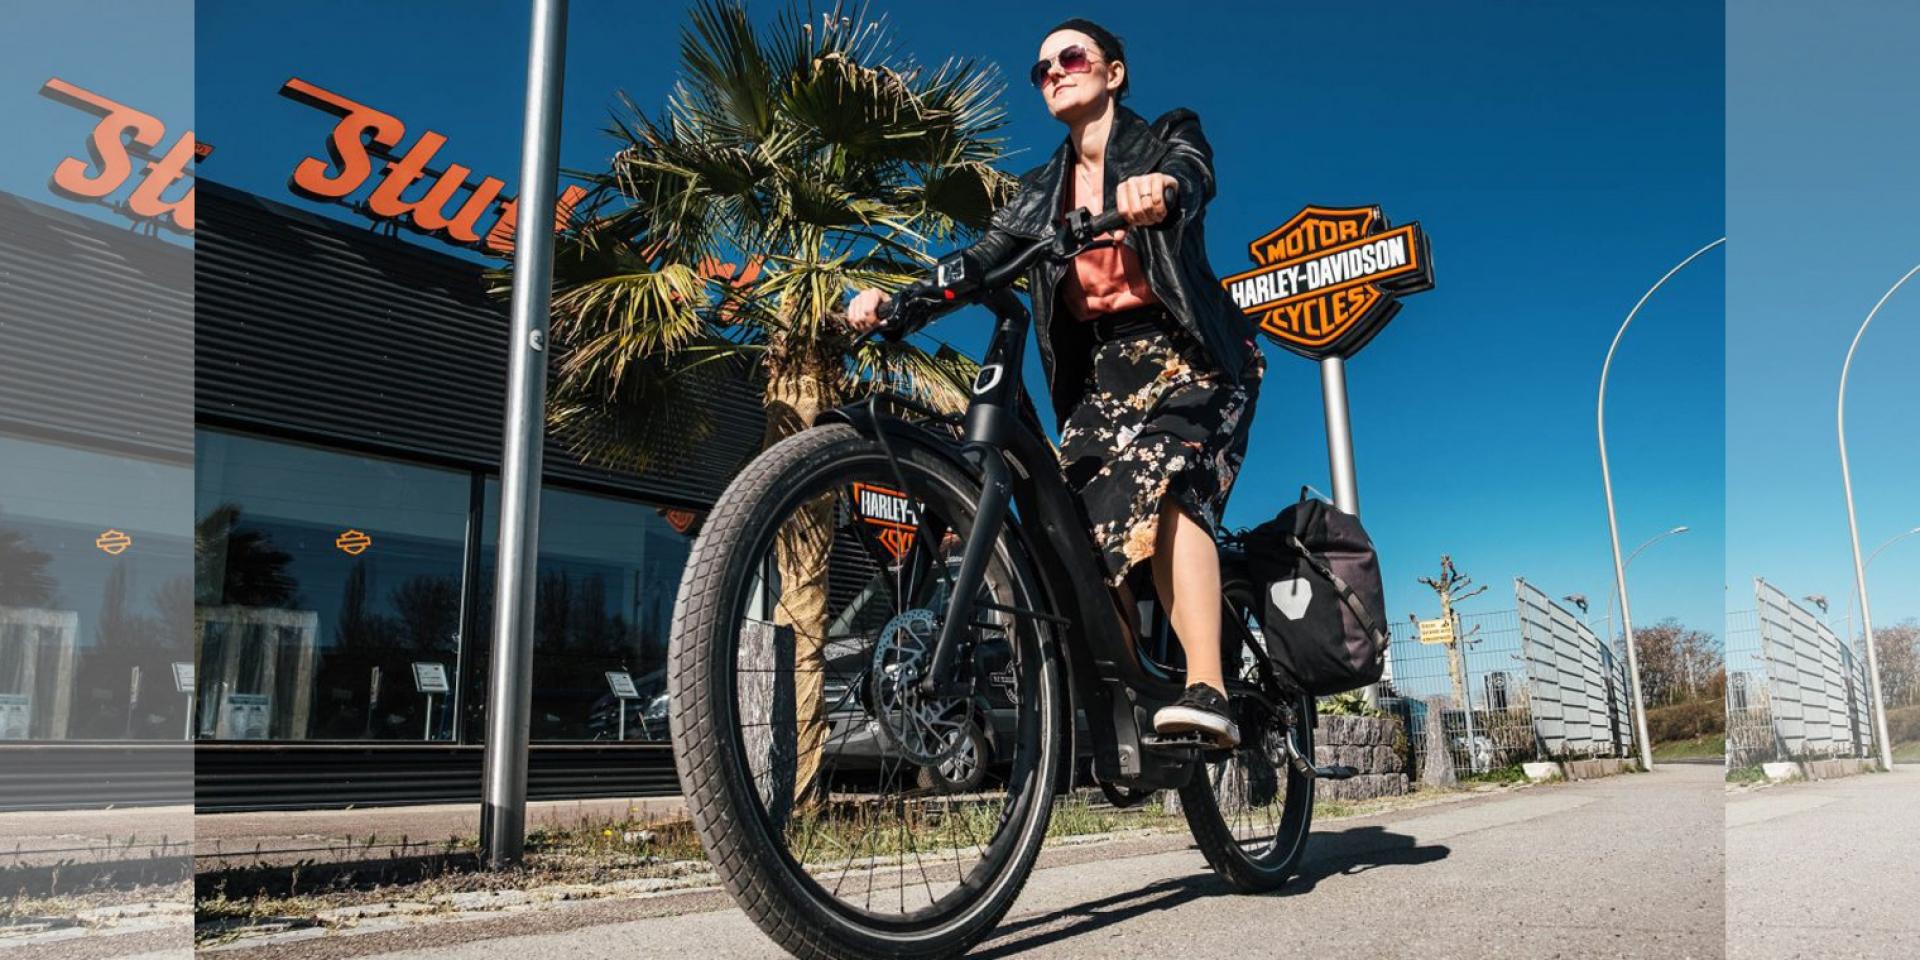 10萬就能擁有哈雷。Harley-Davidson Serial 1 電動自行車海外發表!